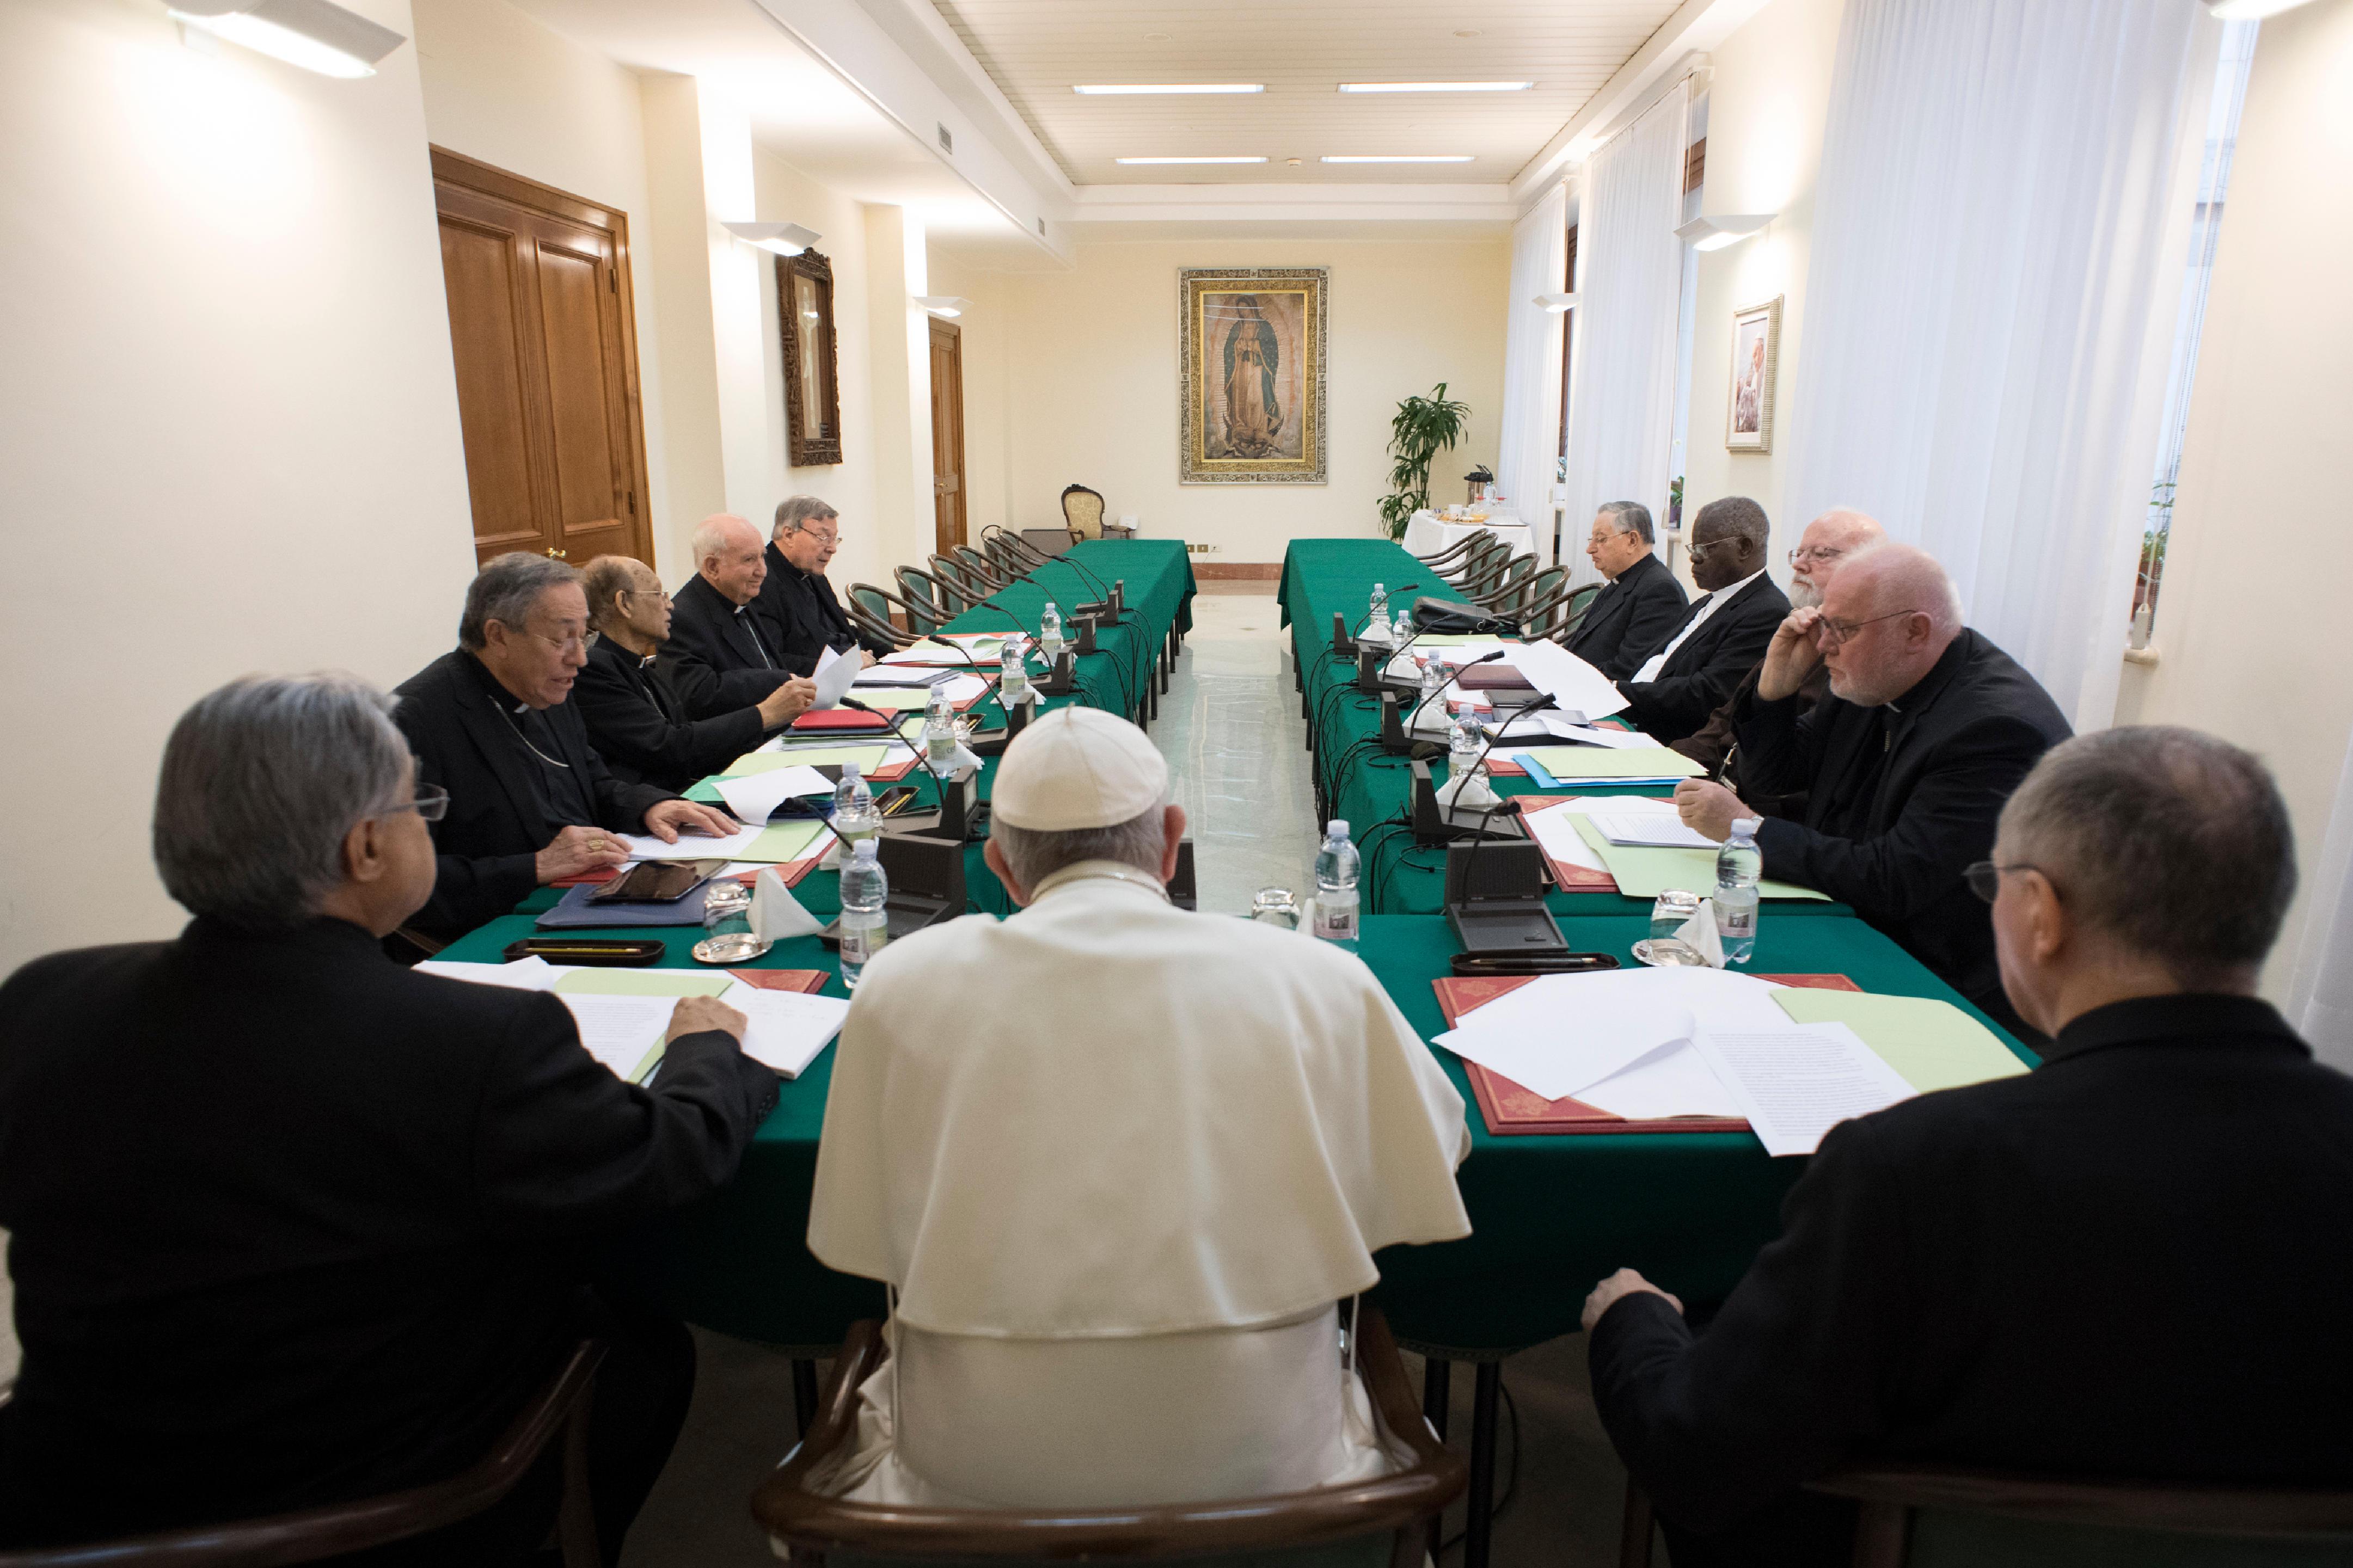 Réunion du C9 © L'Osservatore Romano